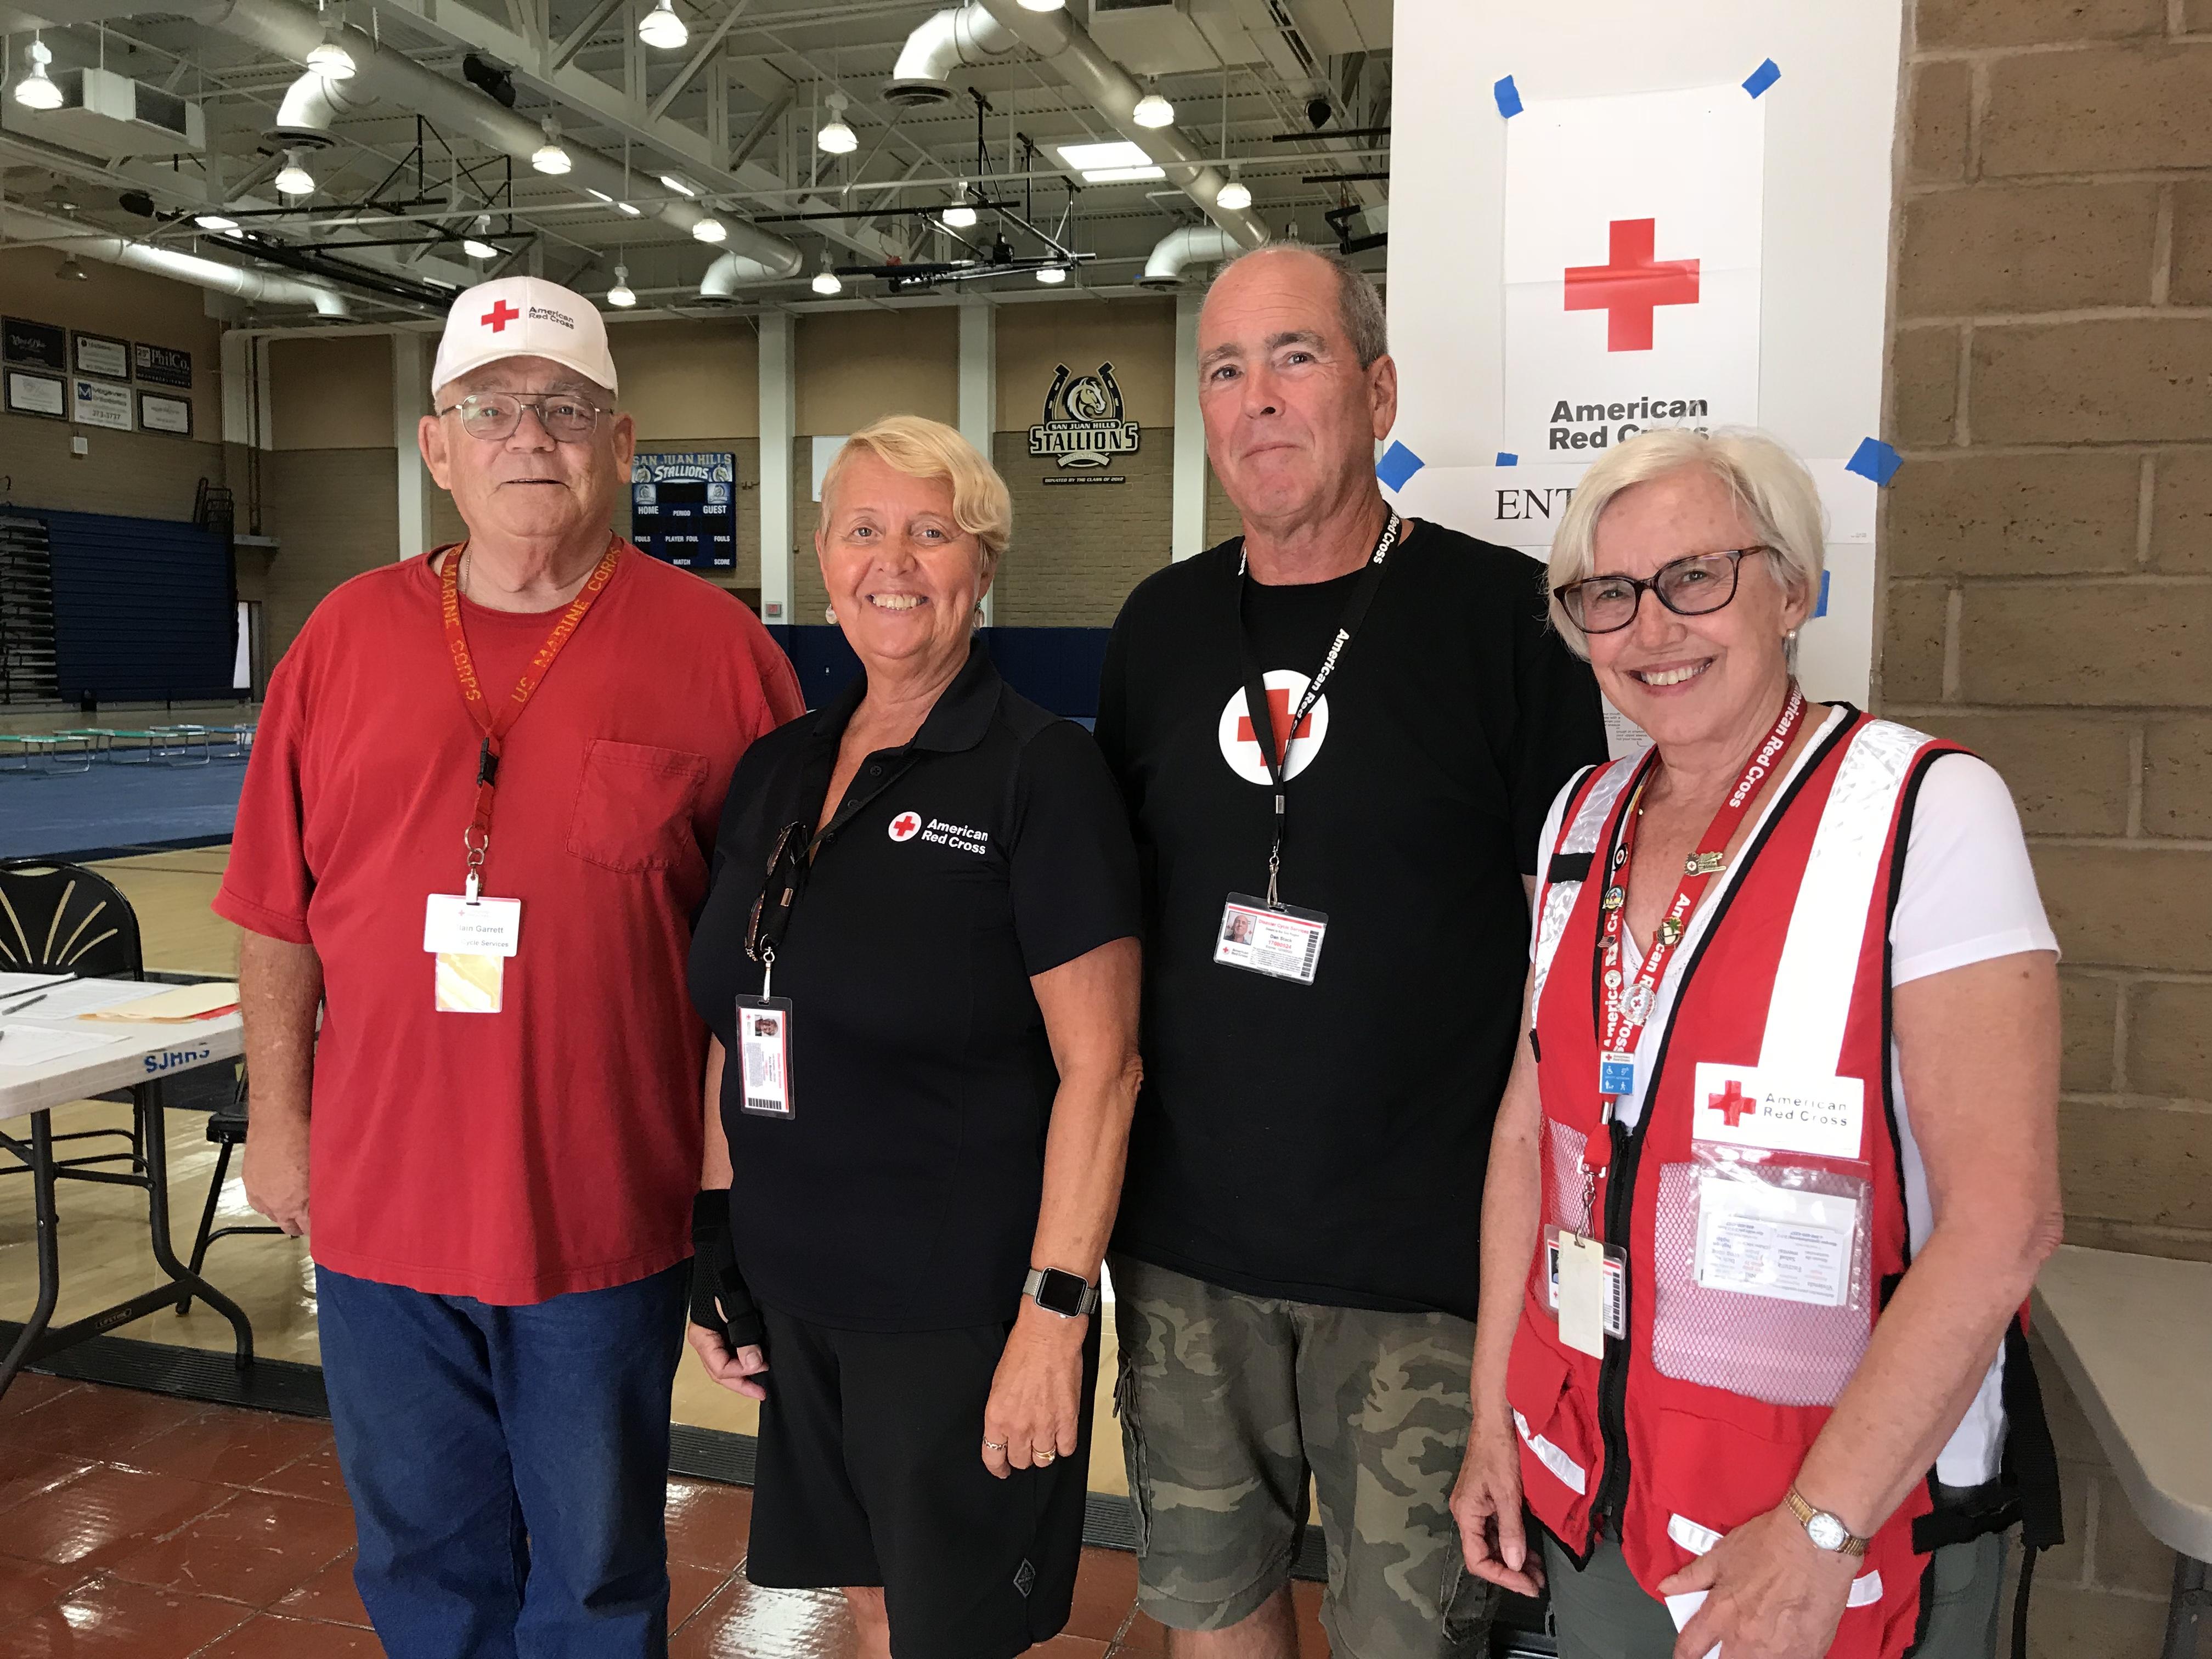 紅十字會在橙縣San Juan Hills高中避難中心工作人員。(記者啟鉻/攝影)